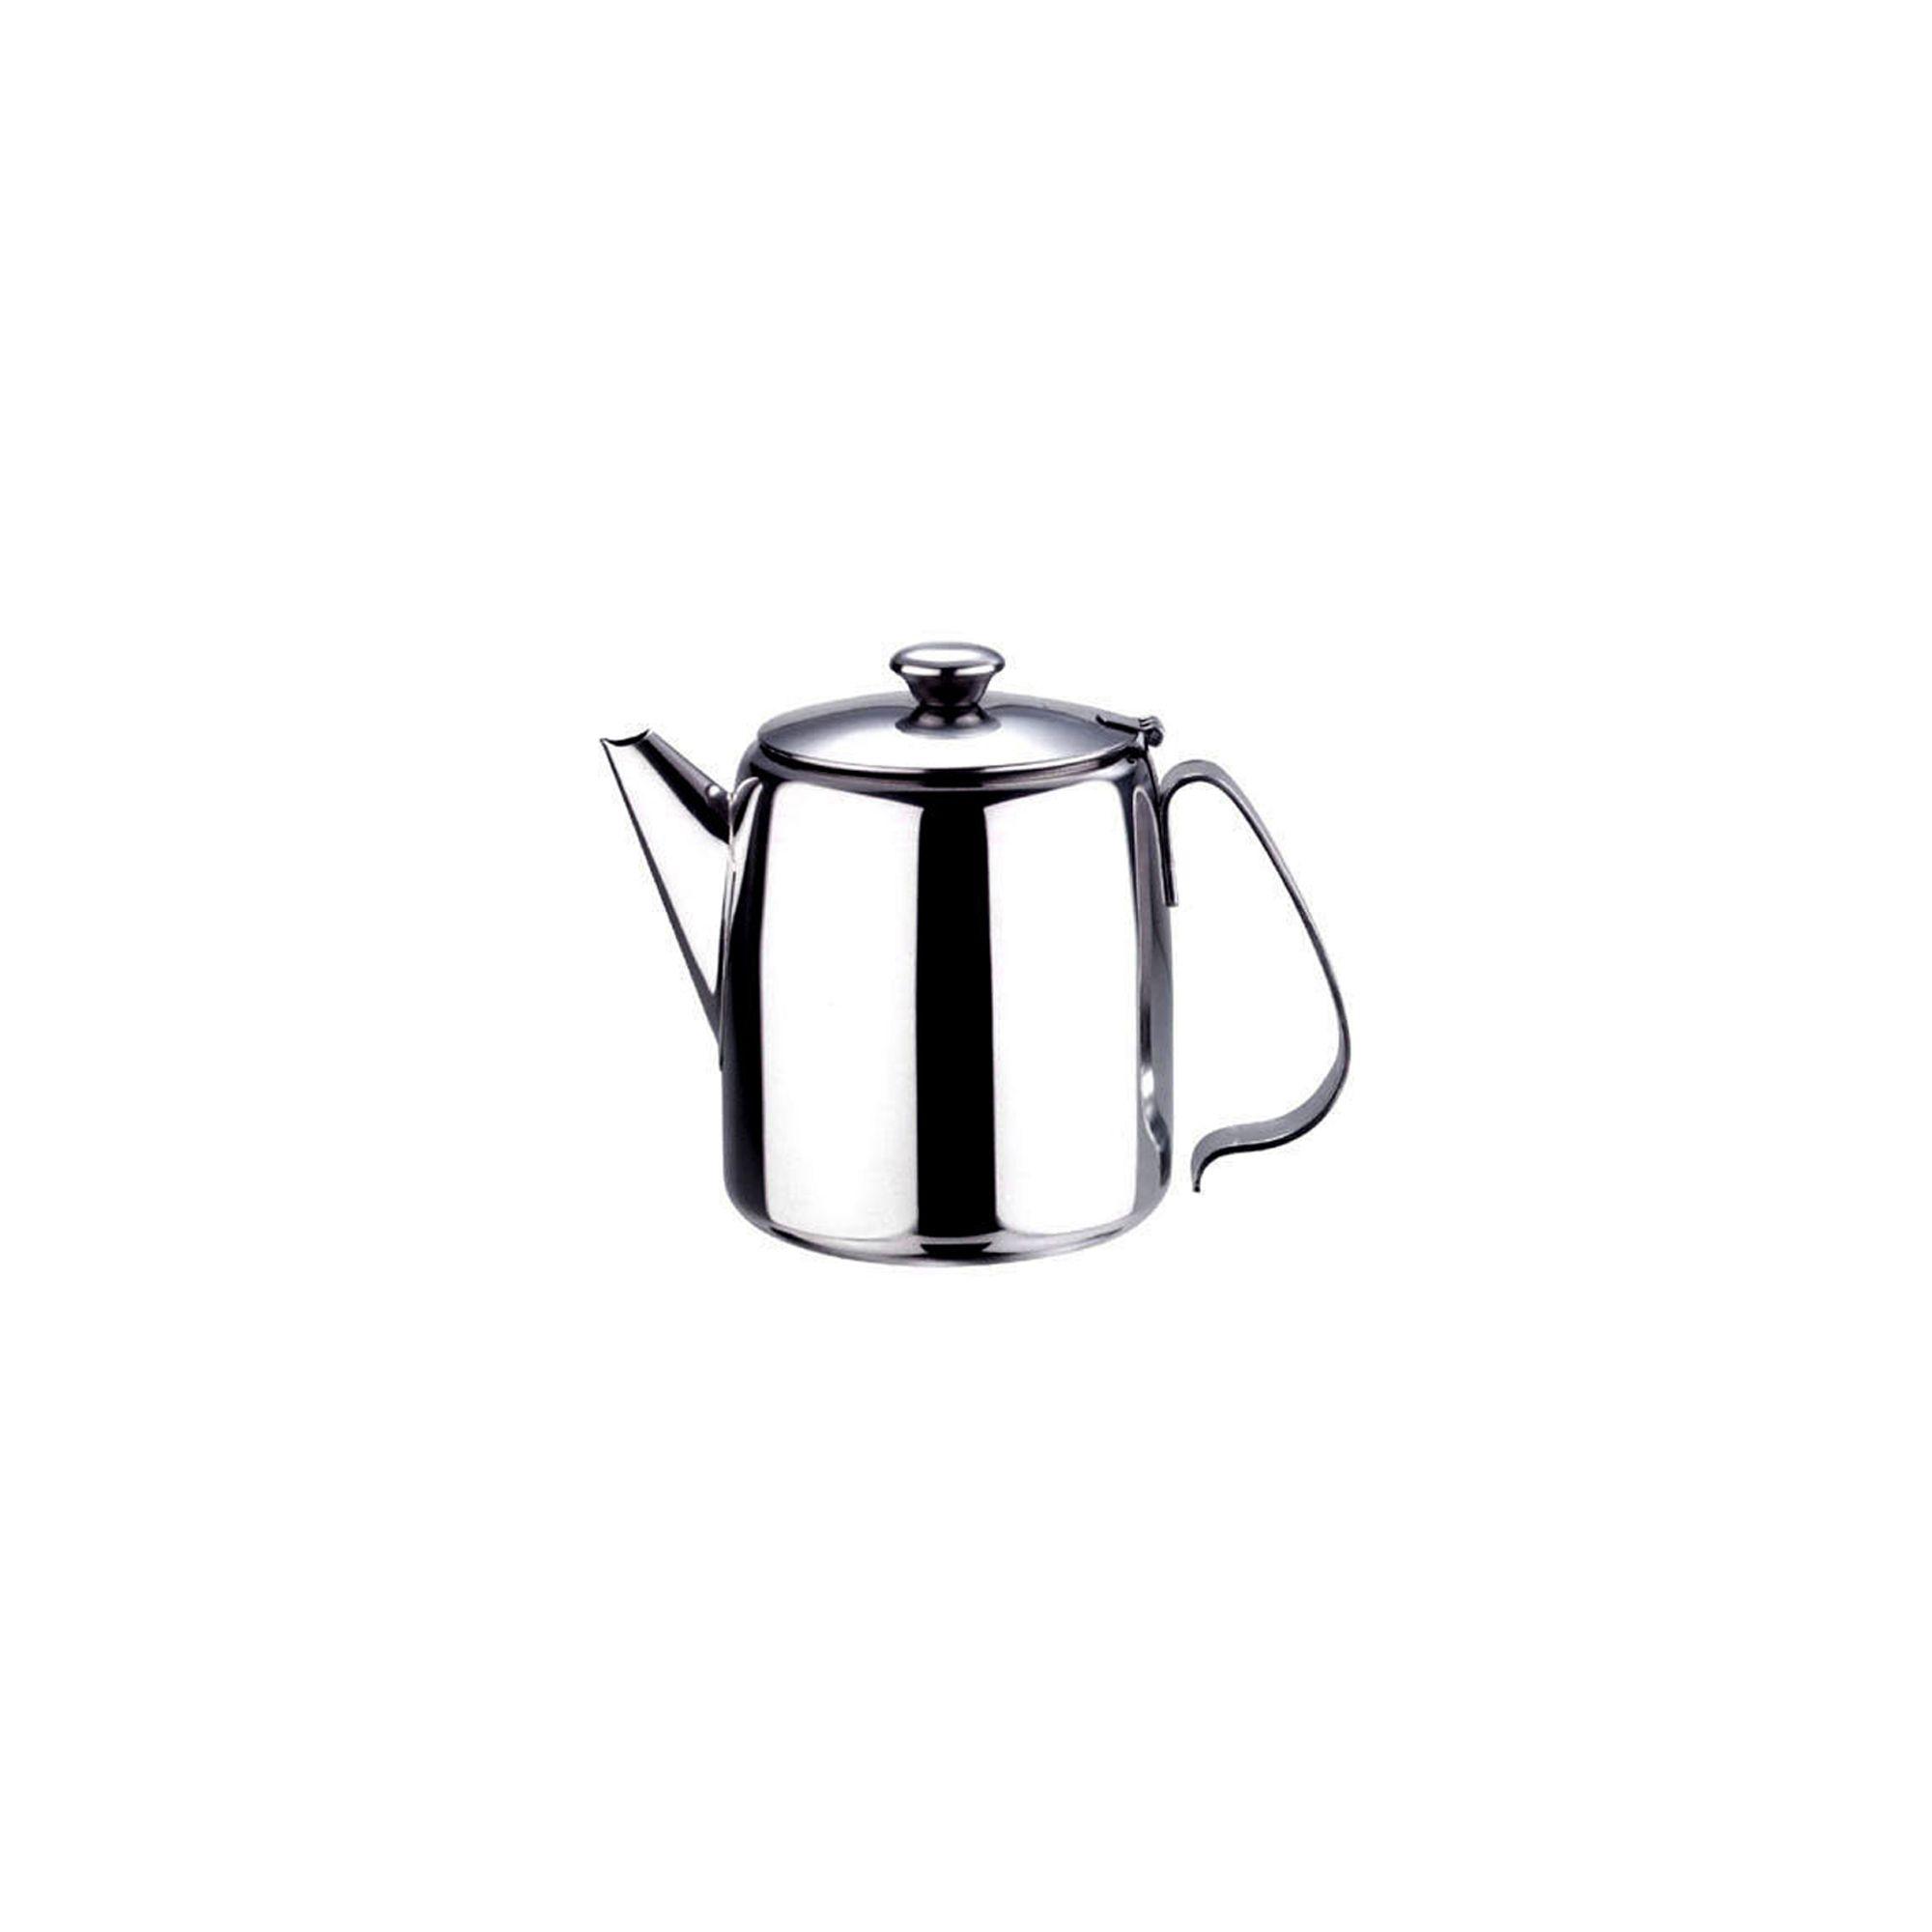 Zodiac 31330 Teapot S/S 16Oz